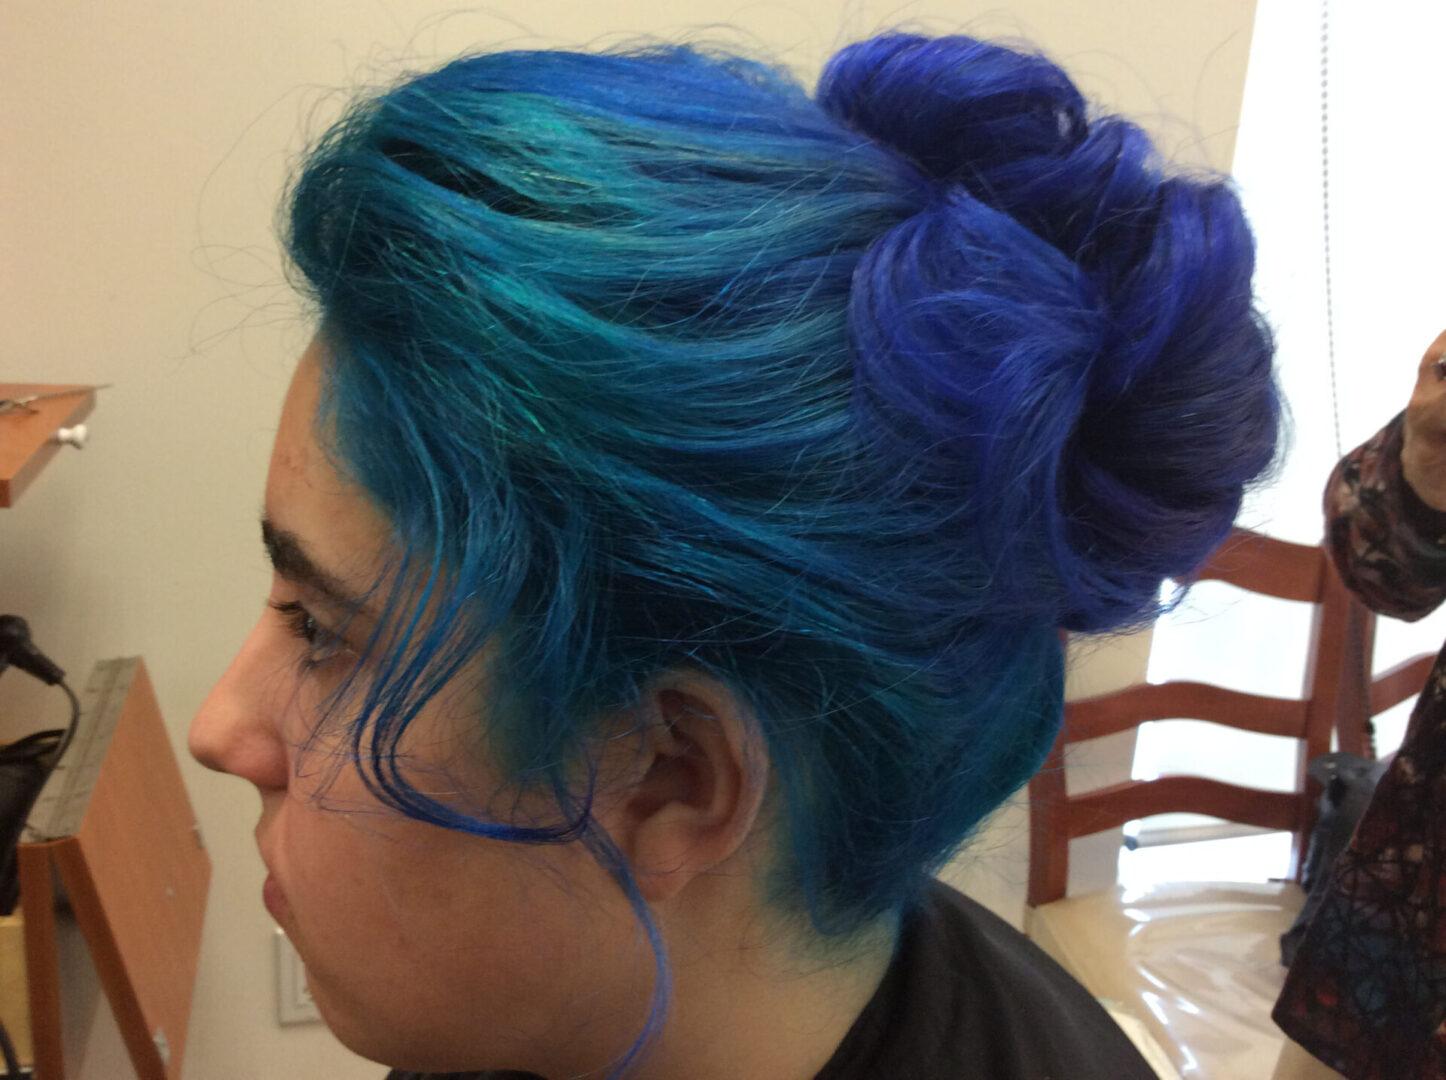 A girl with blue hair